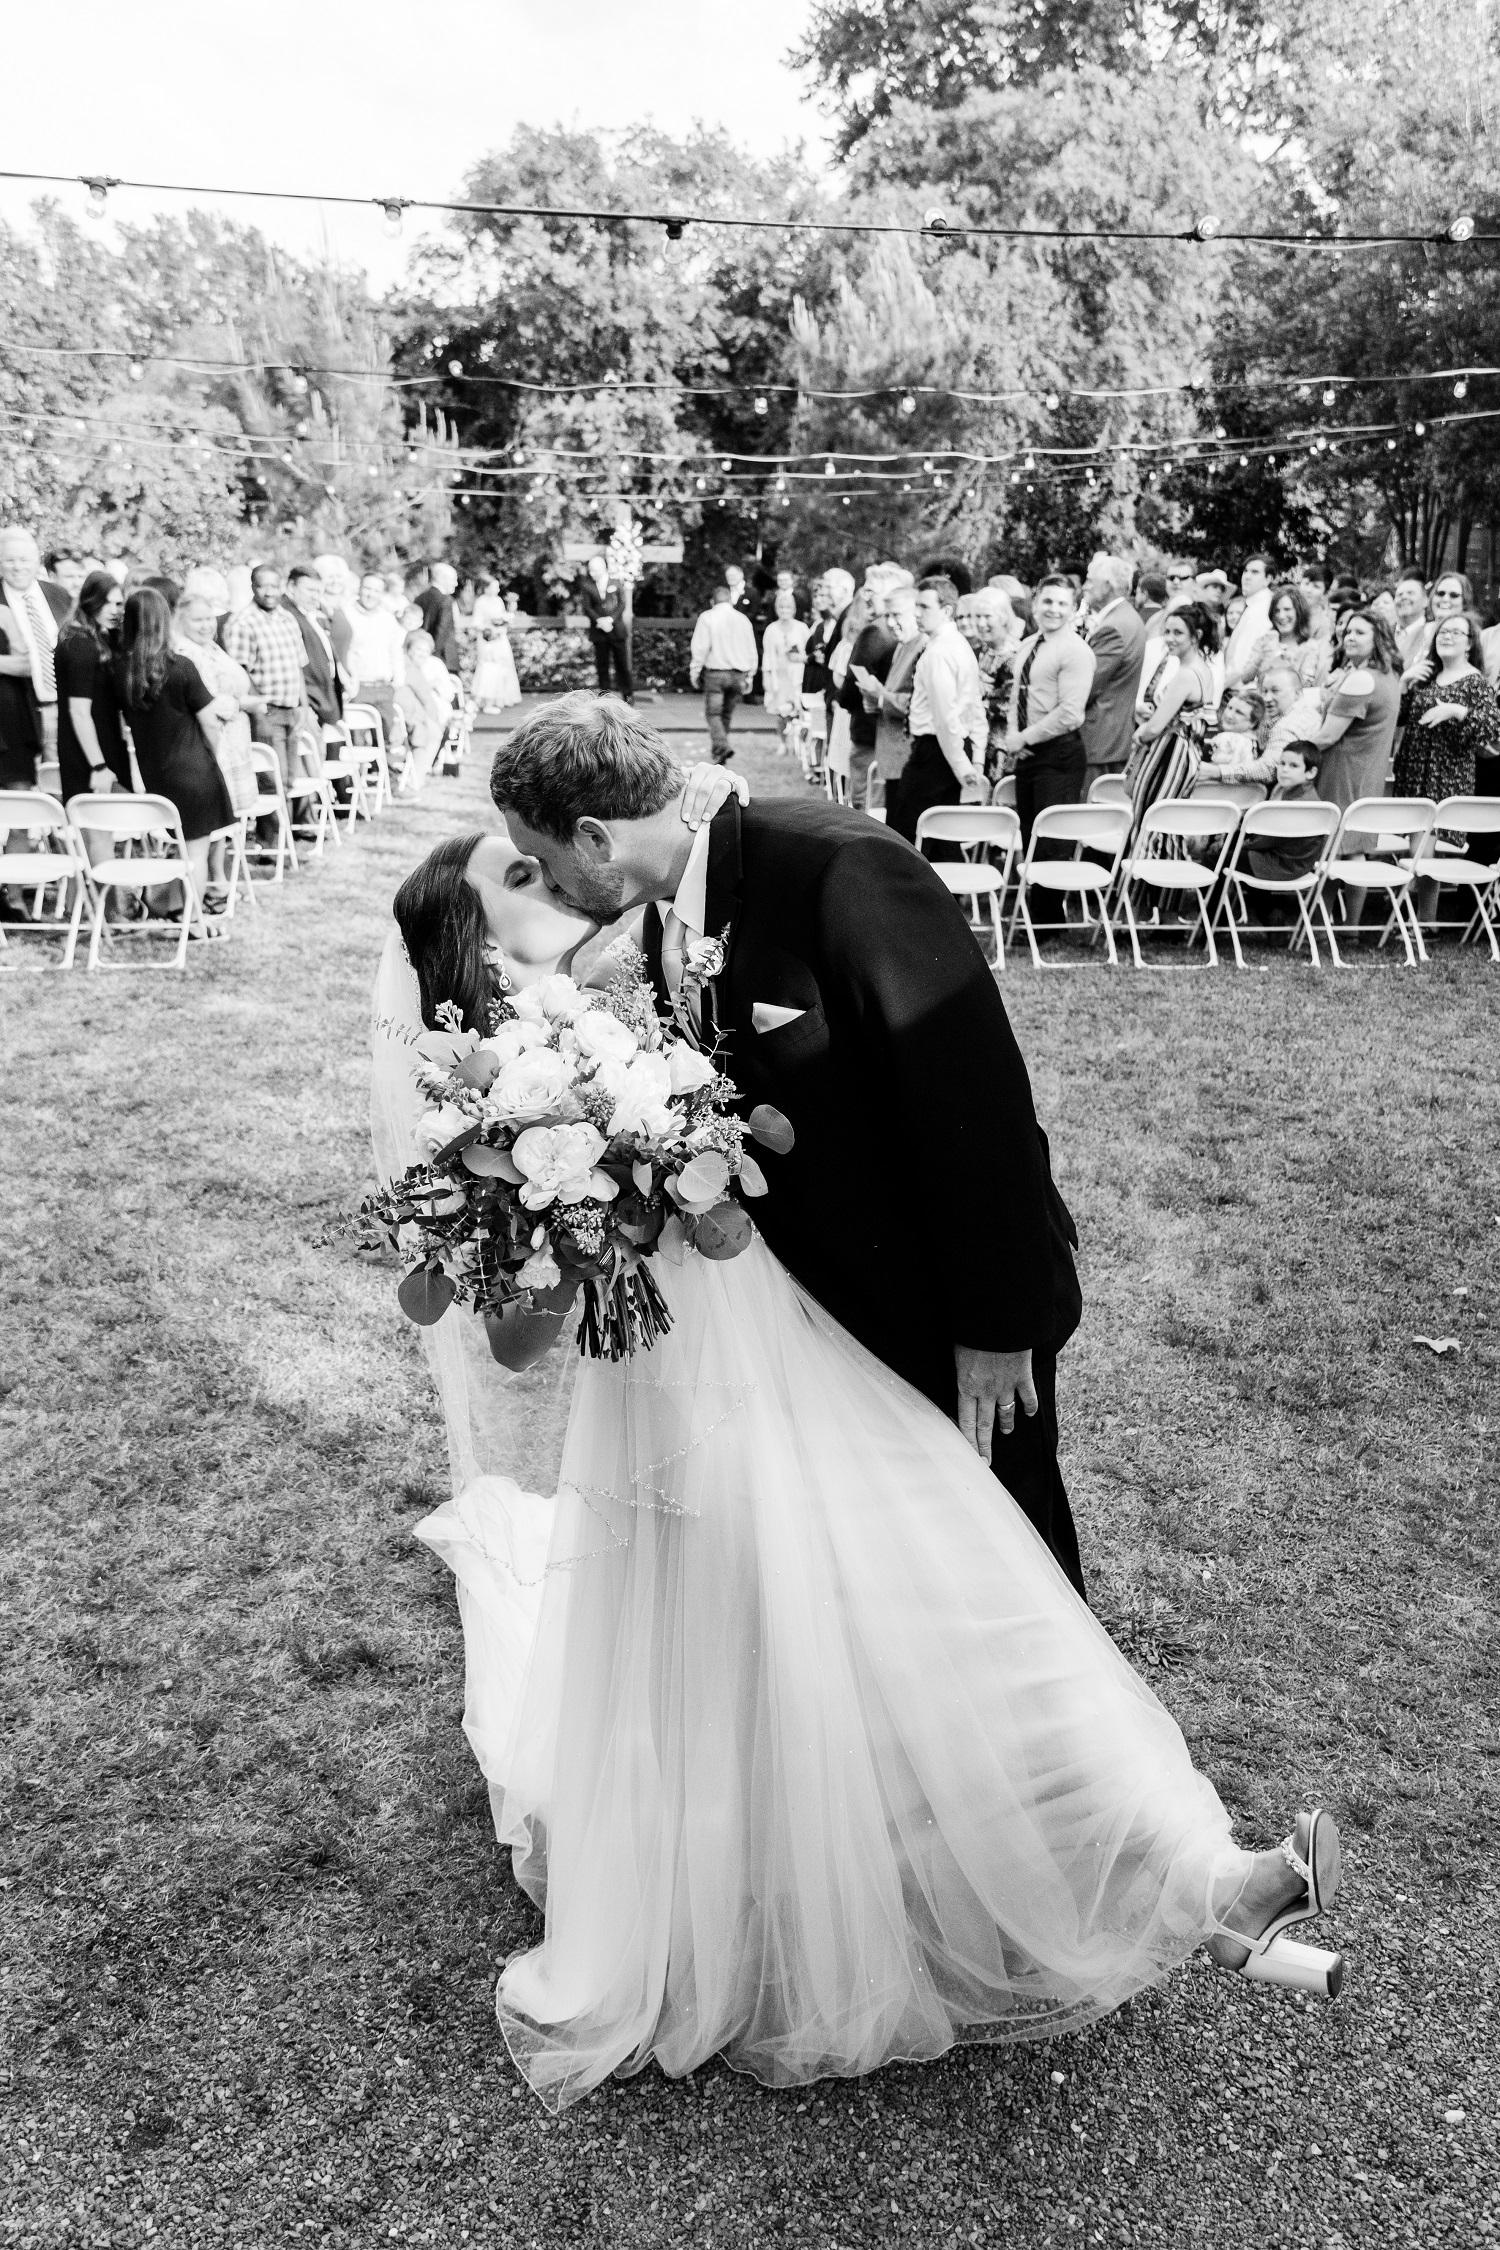 Stewart Wedding 3-18.jpg